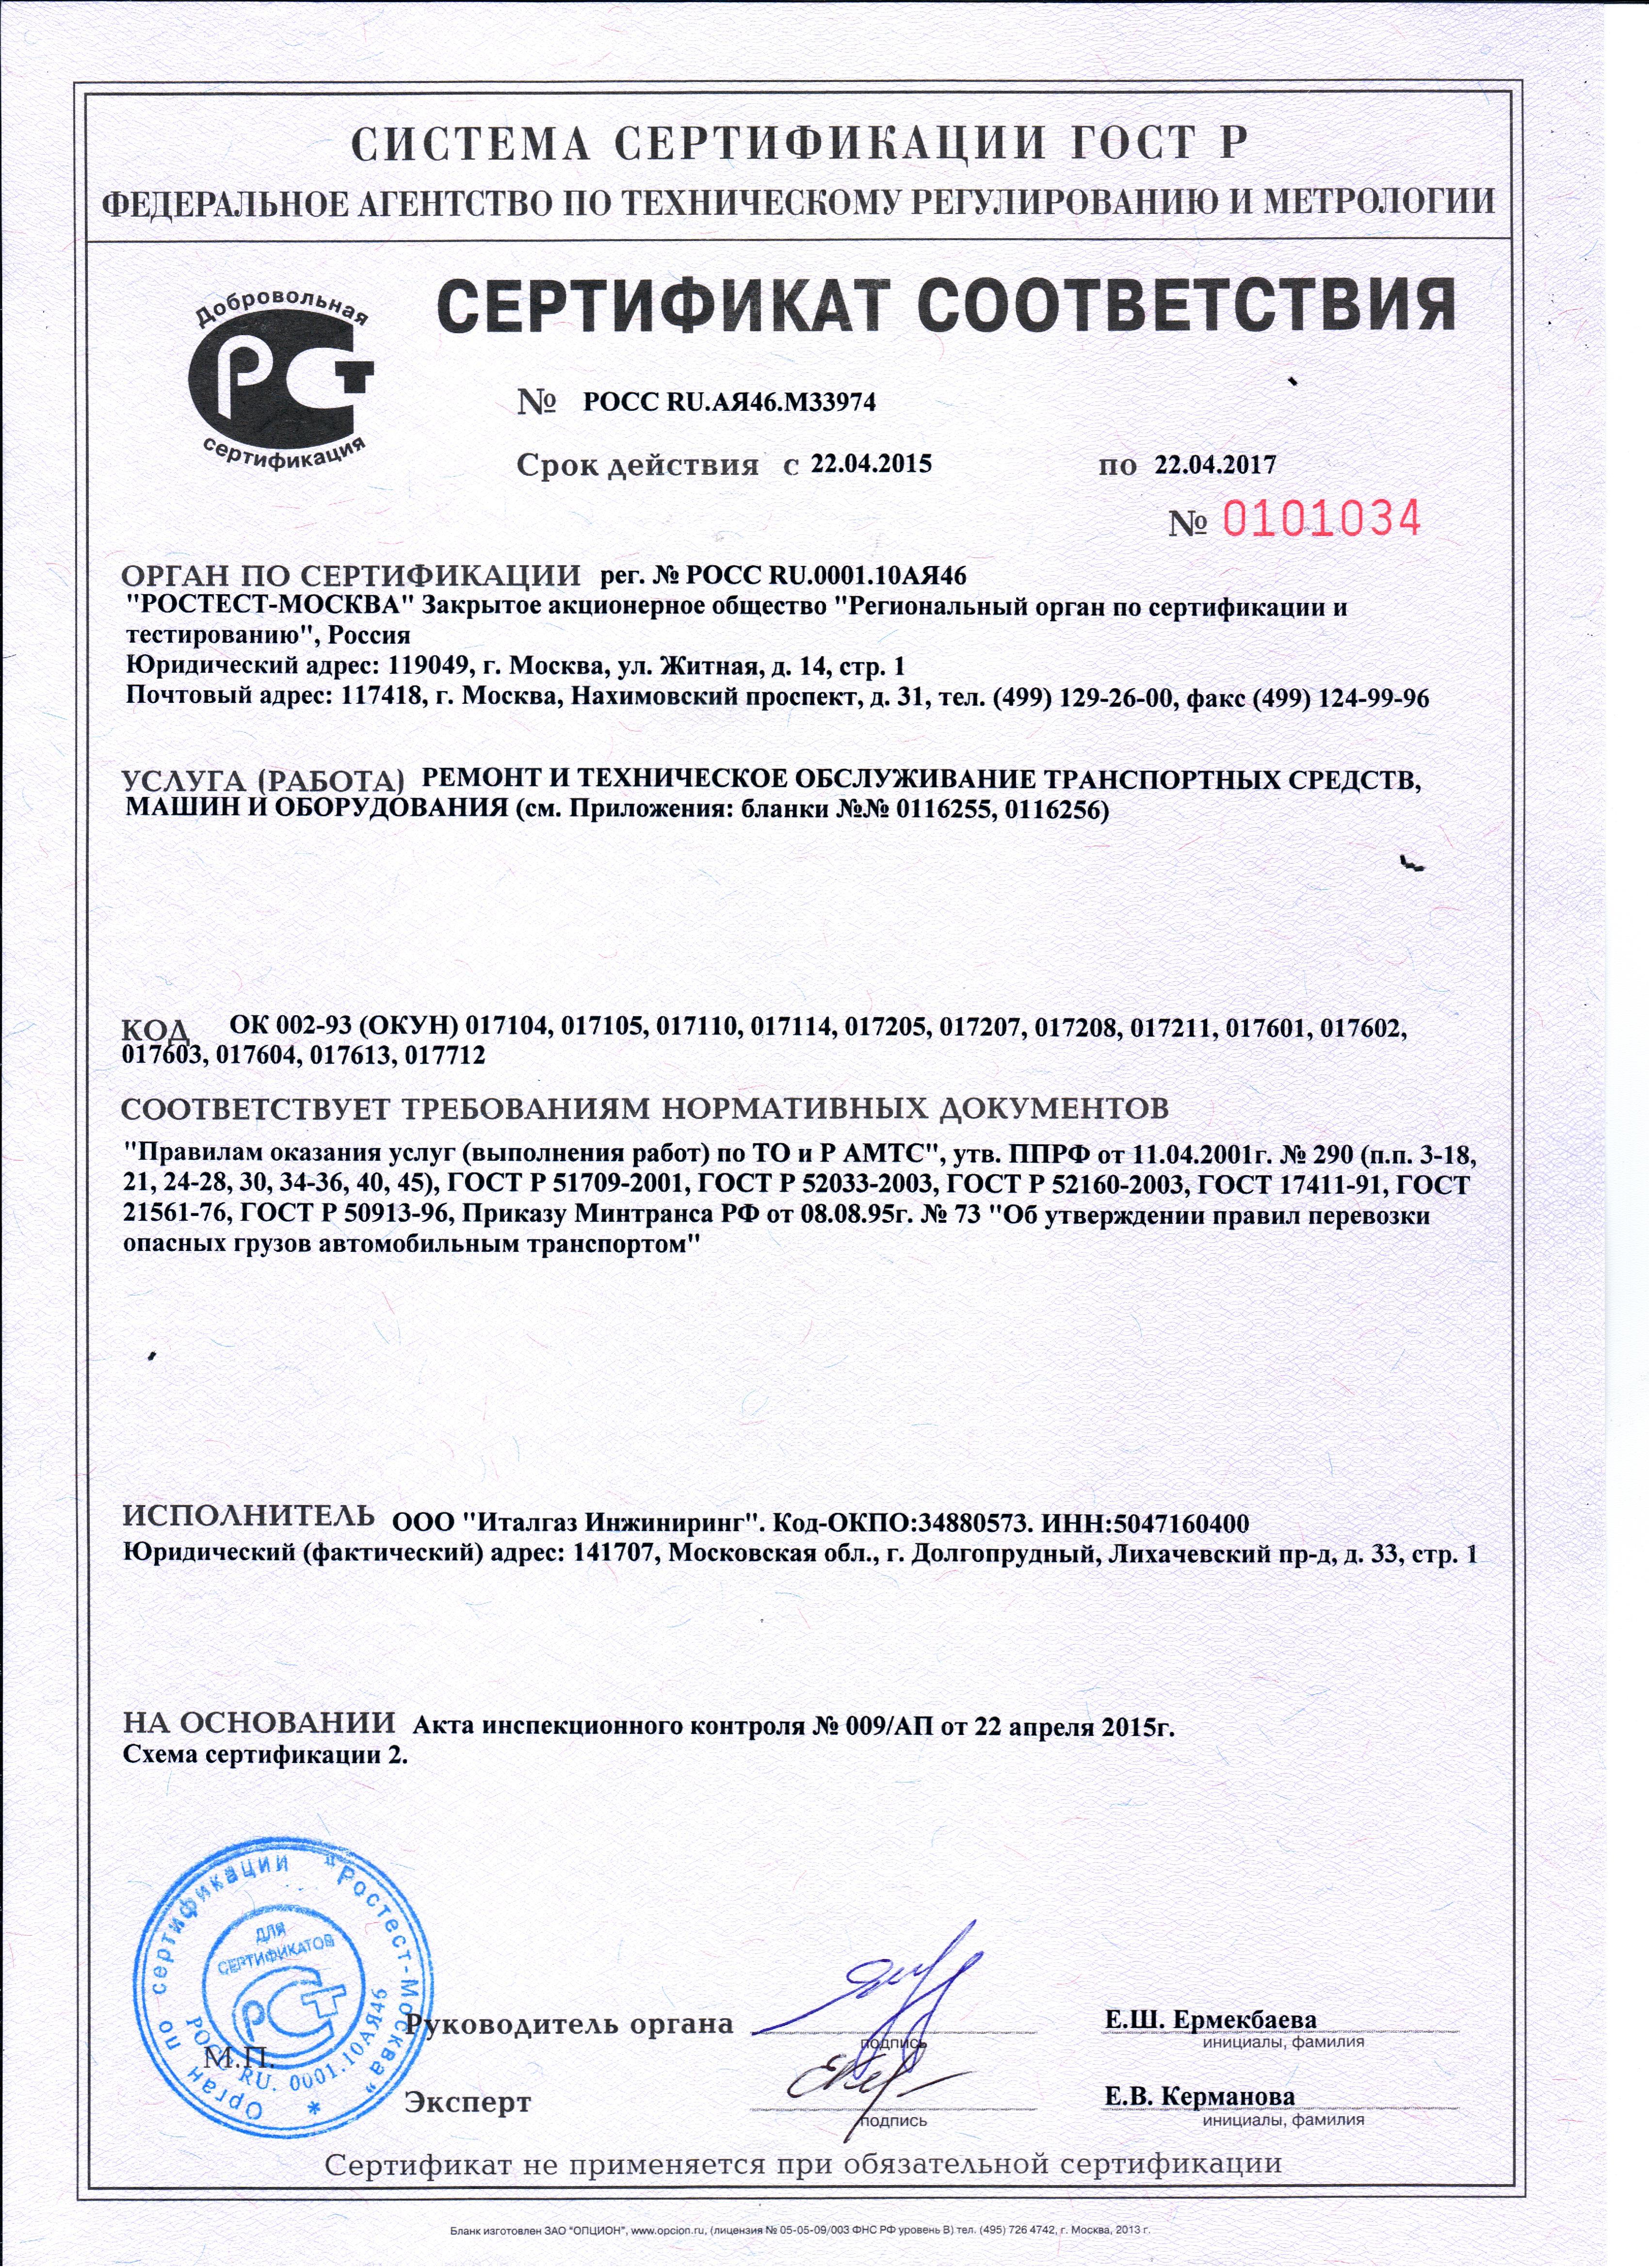 Сертификация комплекта оборудования международная сертификация iso 9001